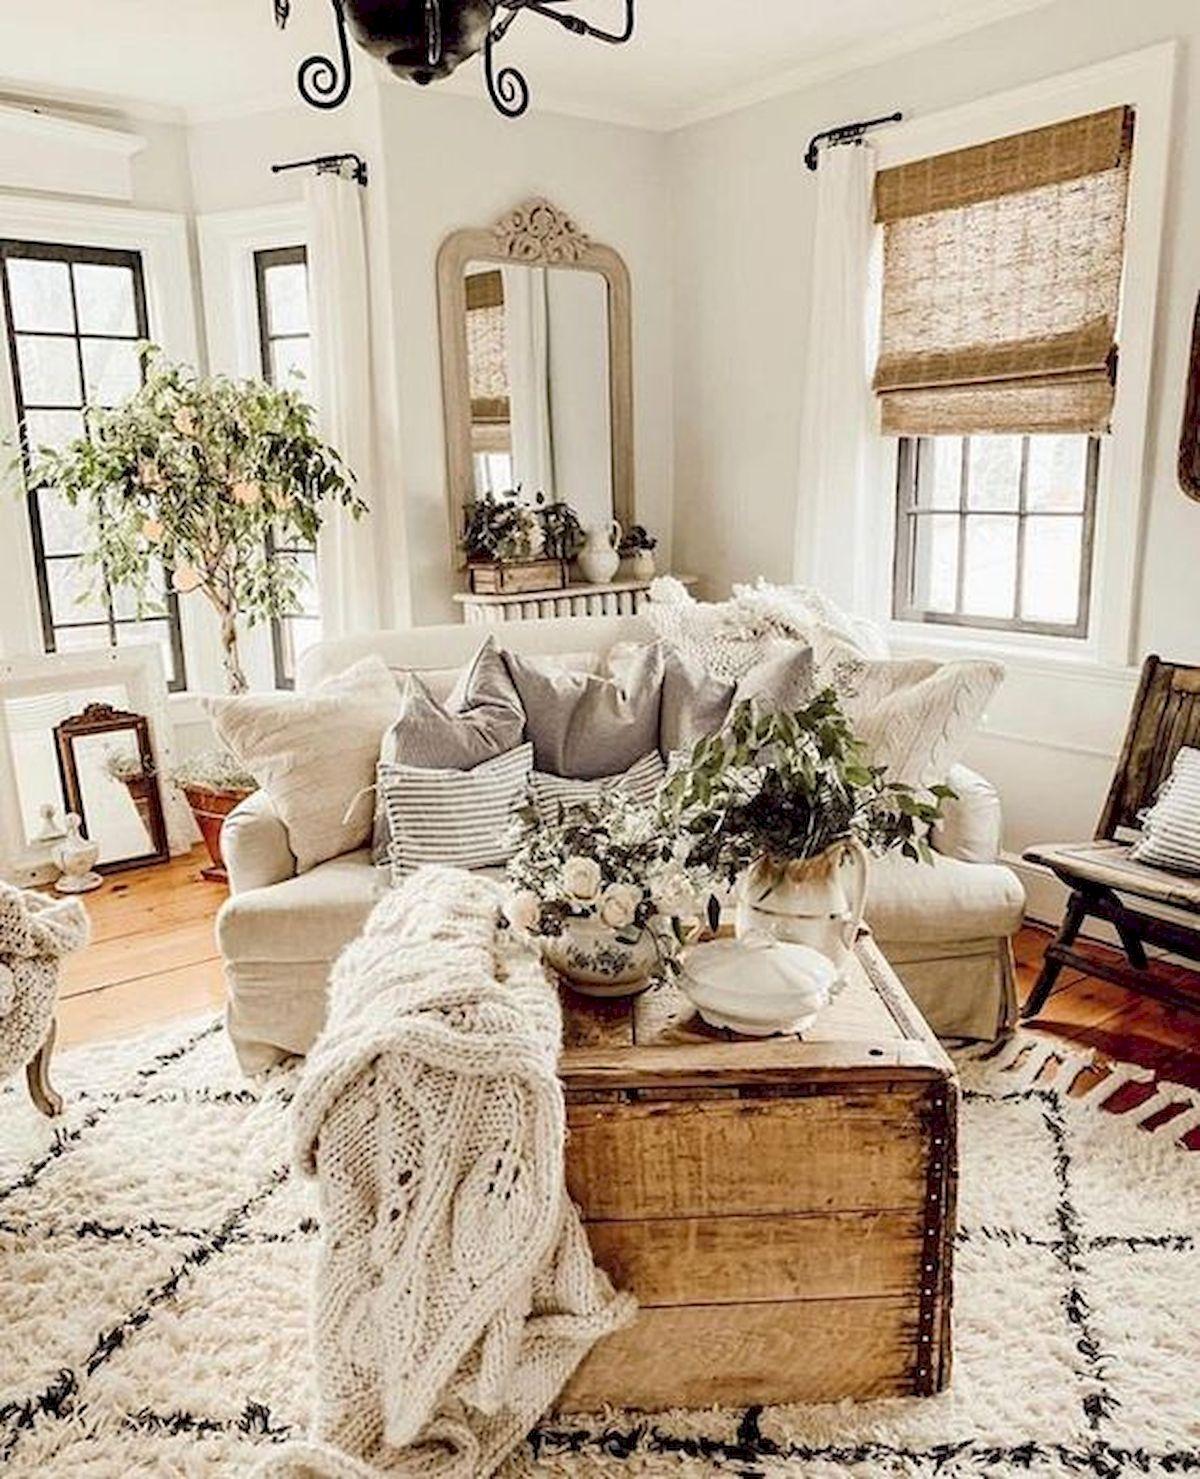 50 Cozy Farmhouse Living Room Design And Decor Ideas (17